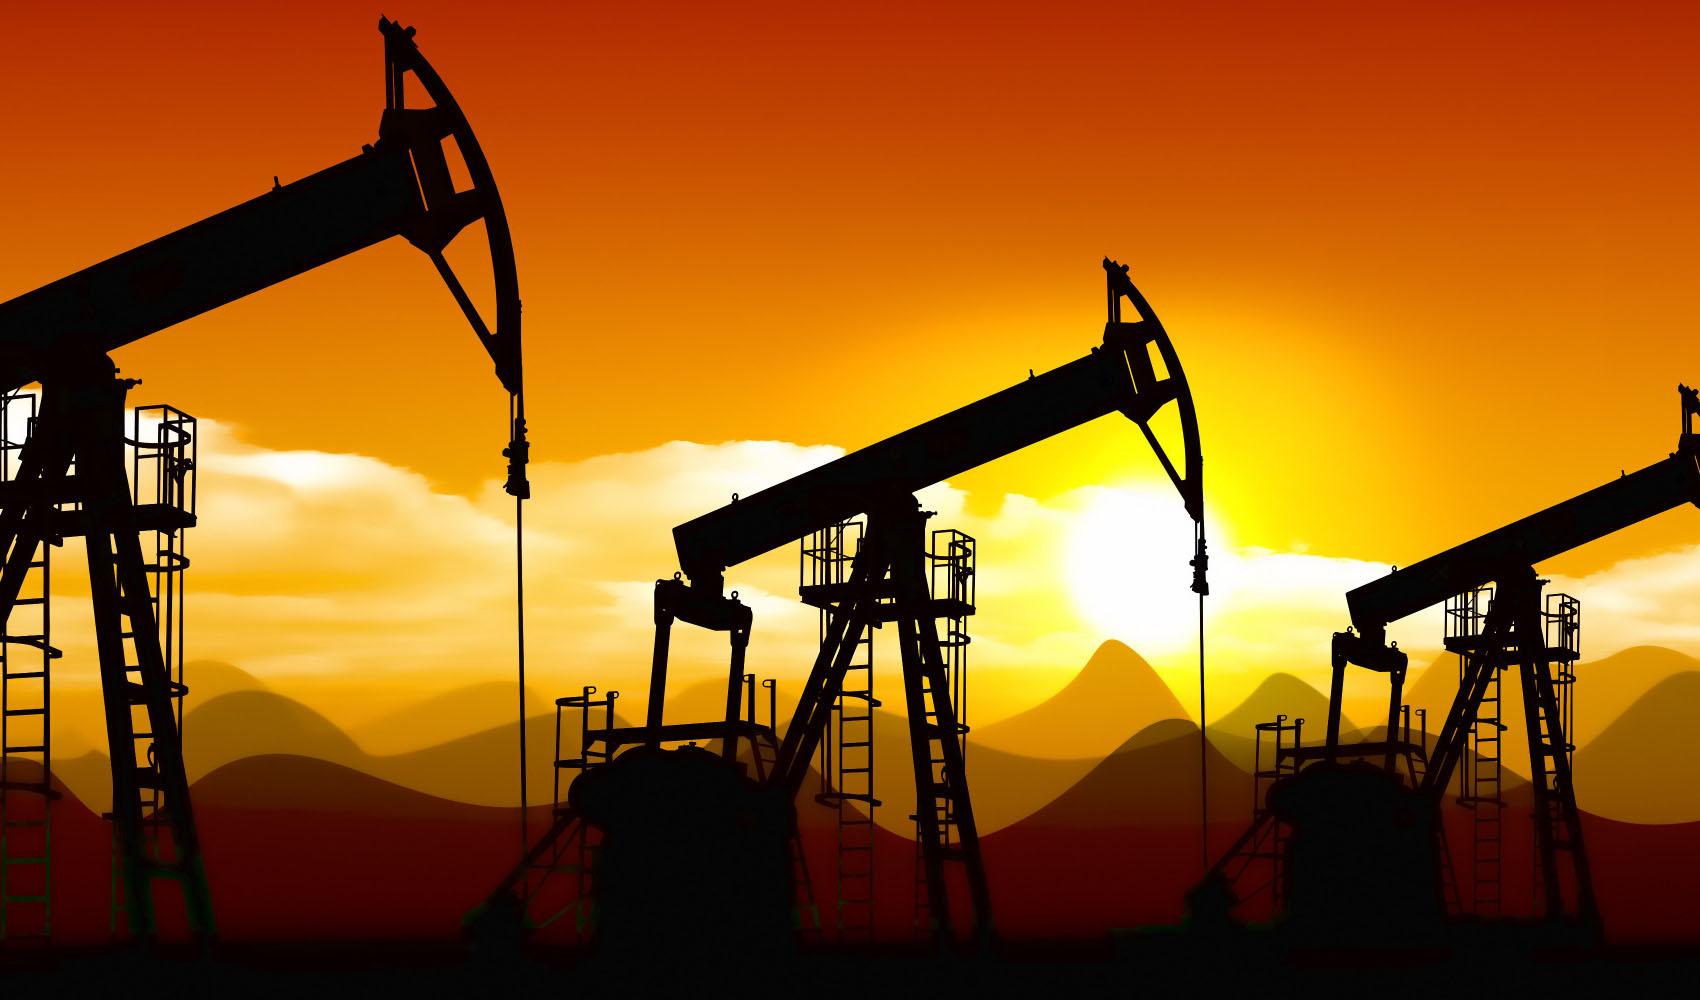 کارنامه ناموفق قراردادهای بیع متقابل با شرکتهای خارجی در صنایع بالادستی نفت